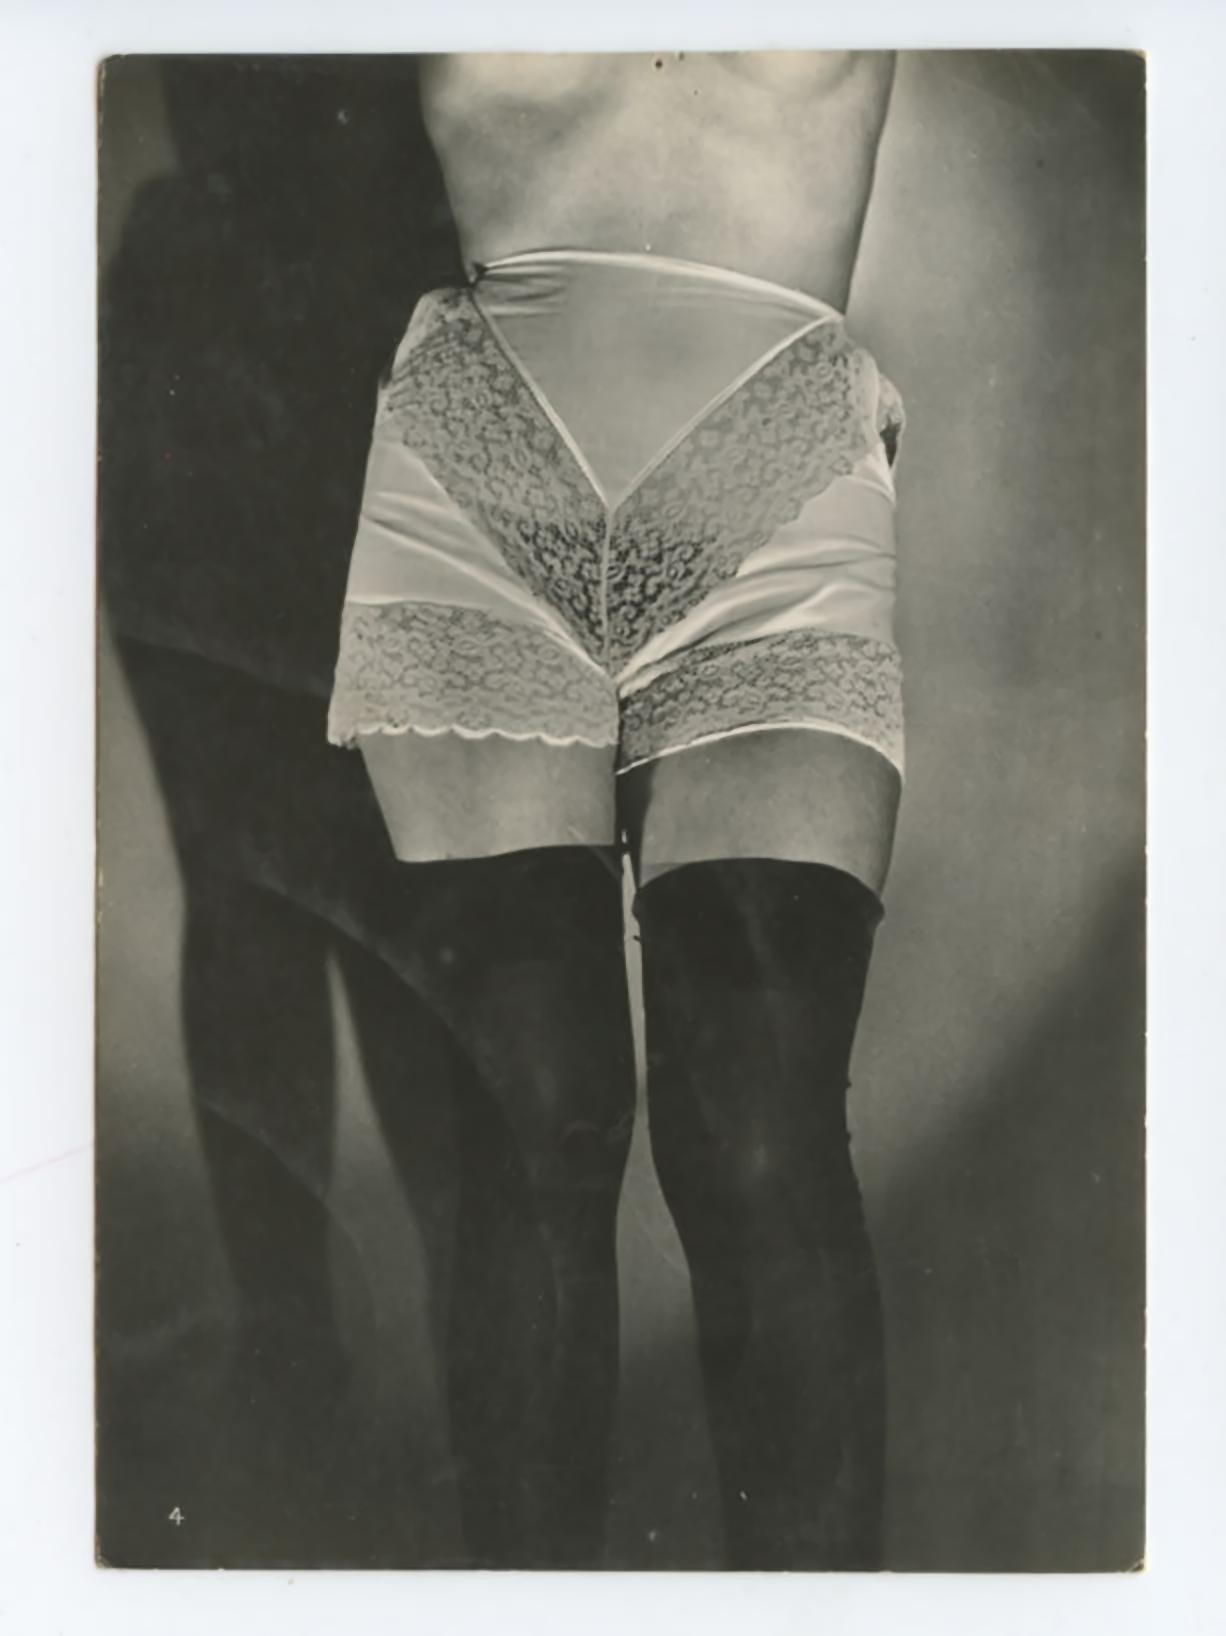 Roger Schall for Diana Slip Co Lingerie , 1932-33